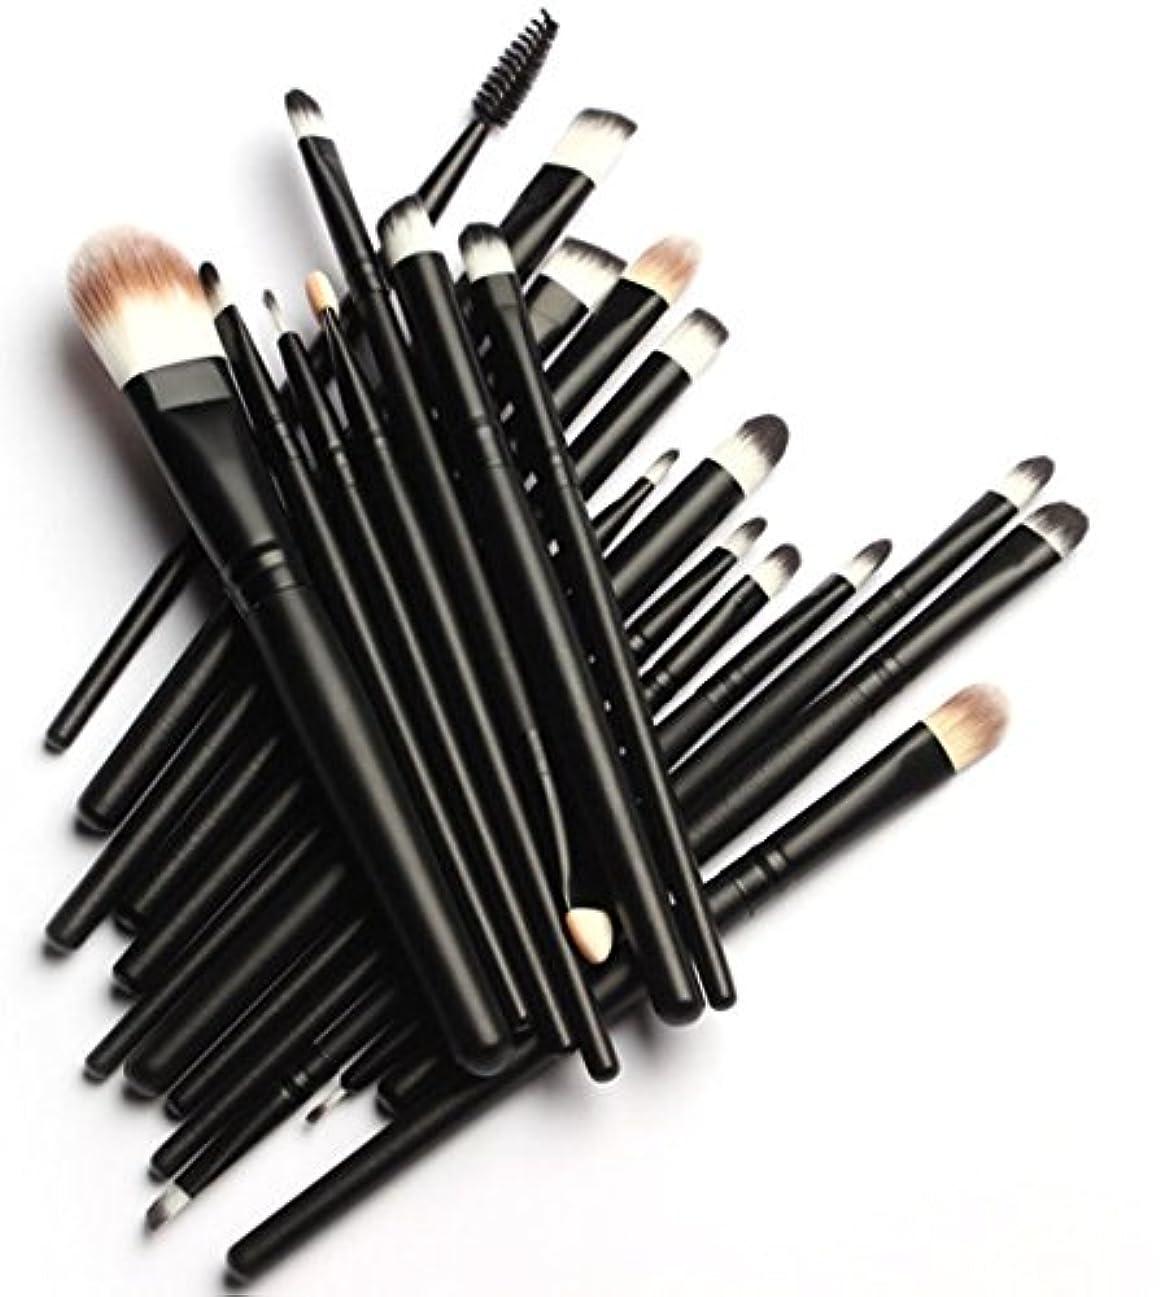 付属品人道的版(メイクアップエーシーシー)MakeupAccメイクブラシ20本セット 化粧筆 多機能 柔らかい 黒 化粧セット【並行輸入品】